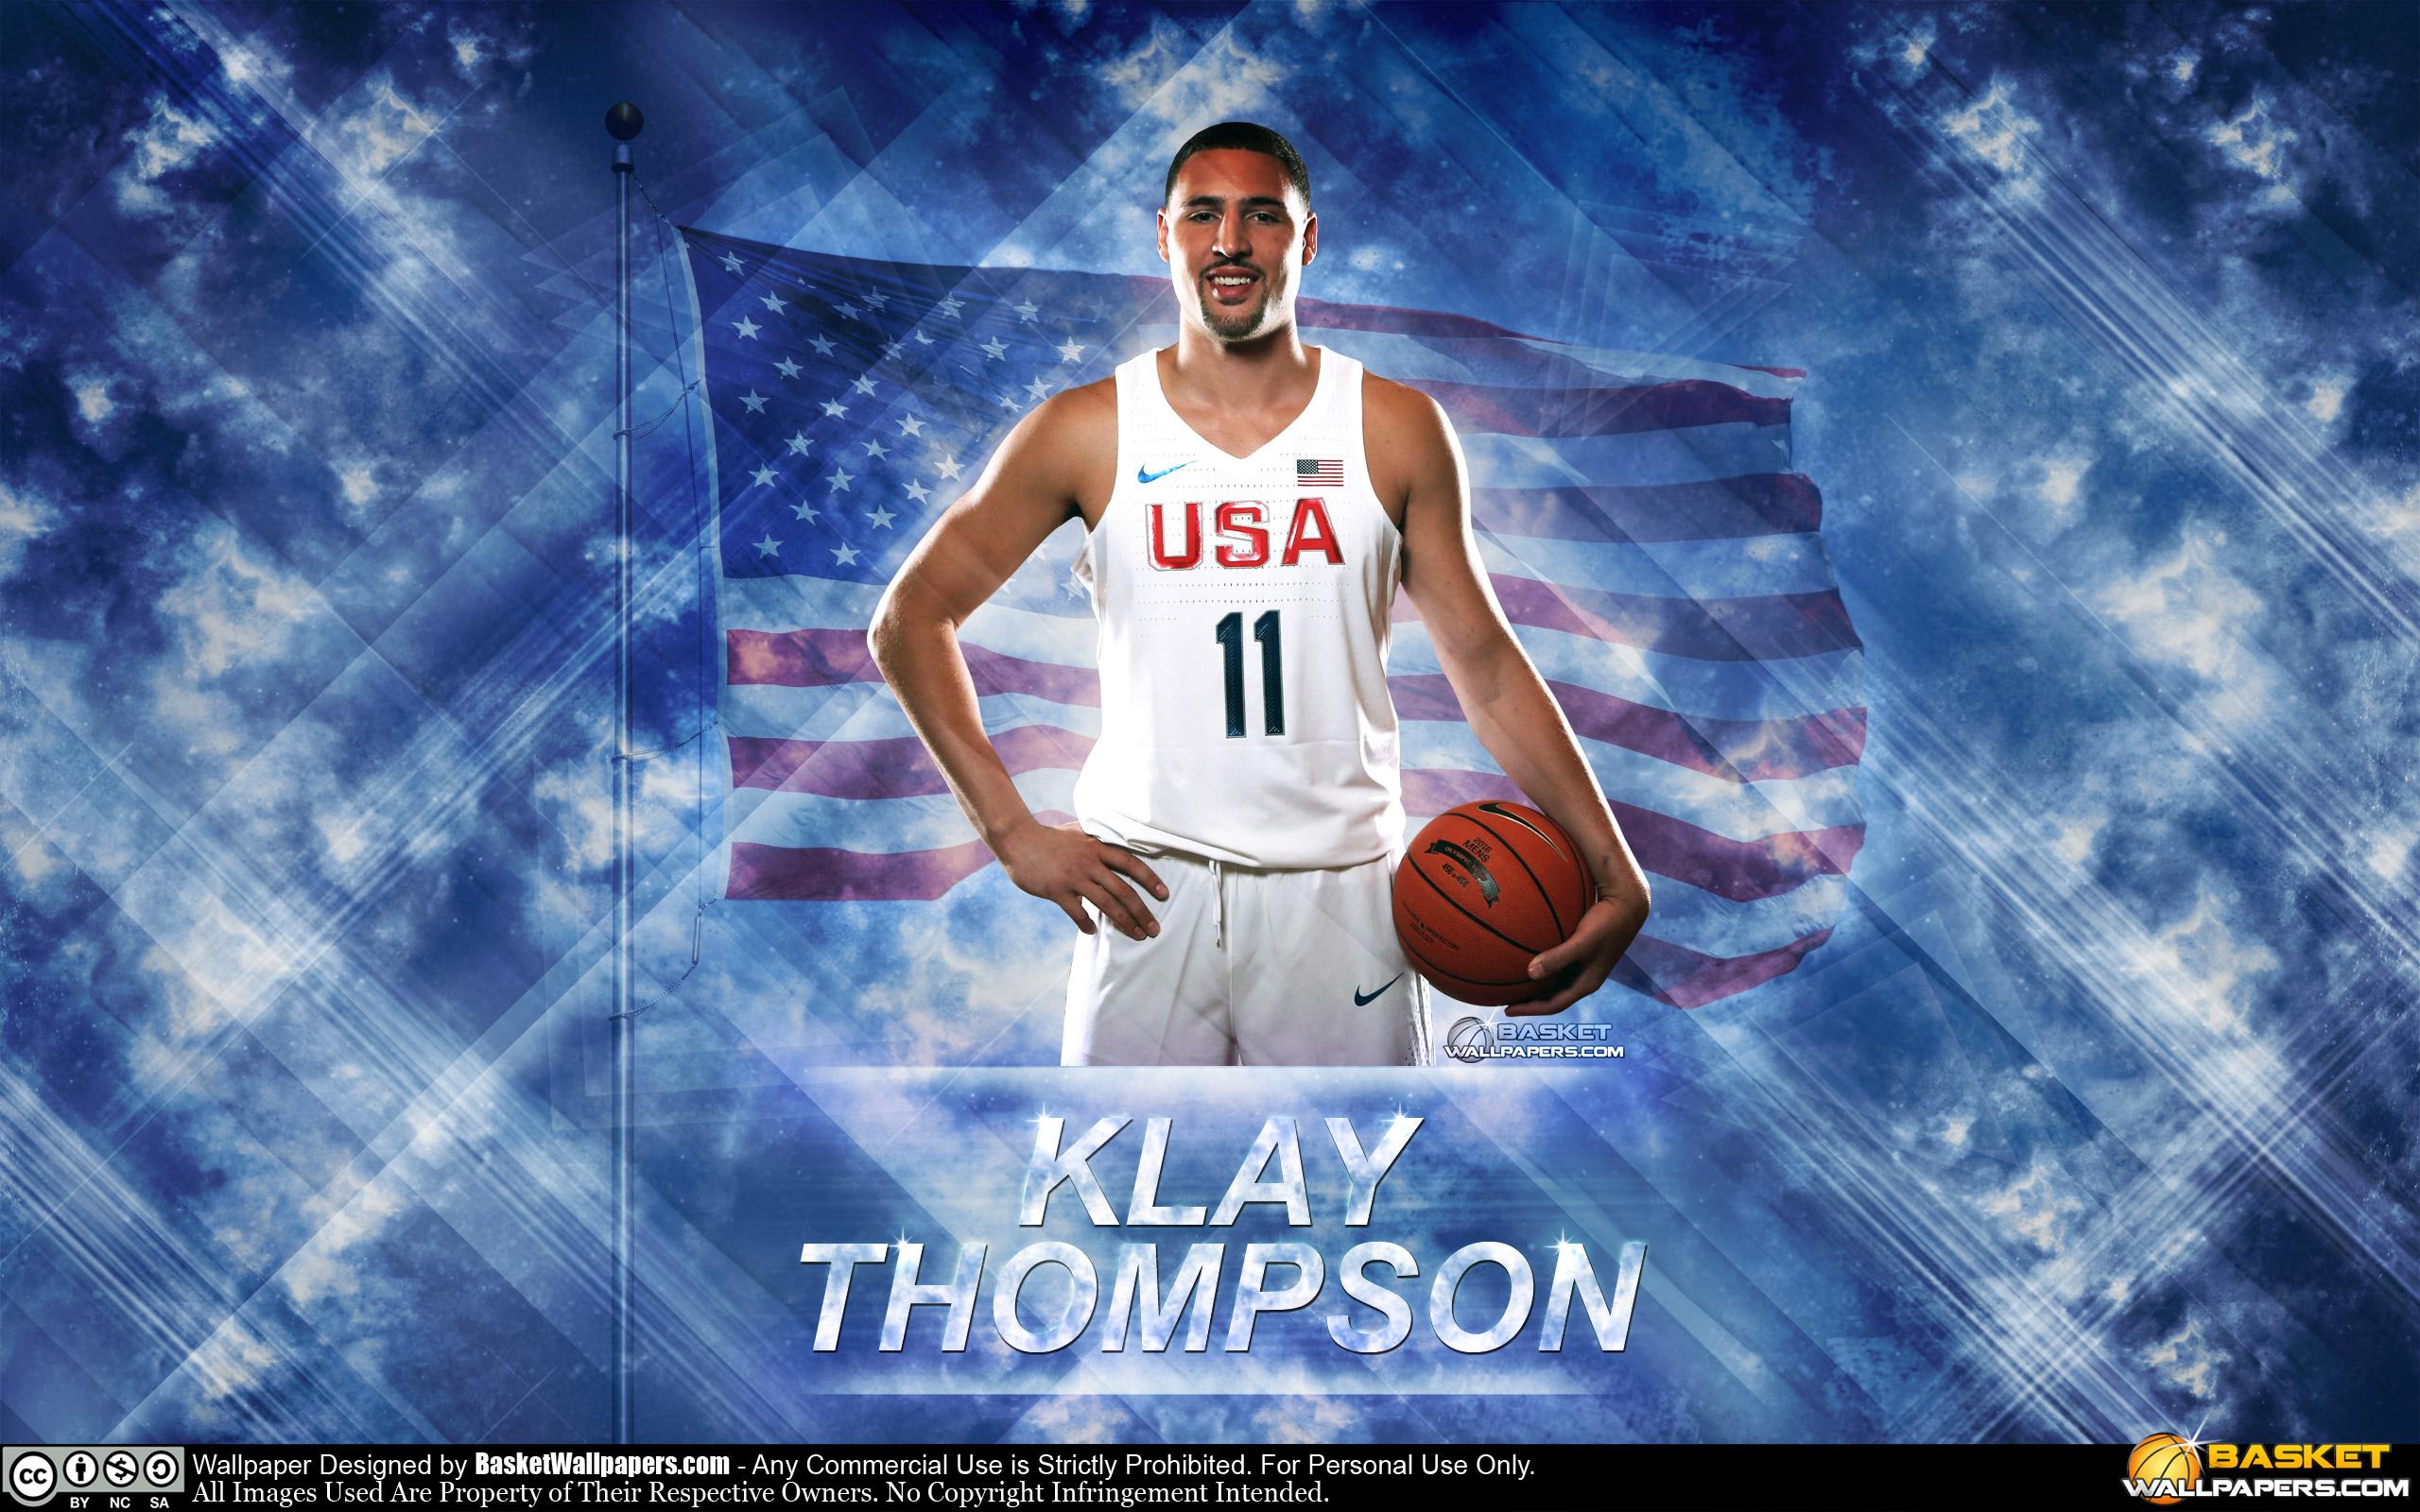 Klay Thompson USA 2016 Olympics Wallpaper Basketball Wallpapers 2560x1600